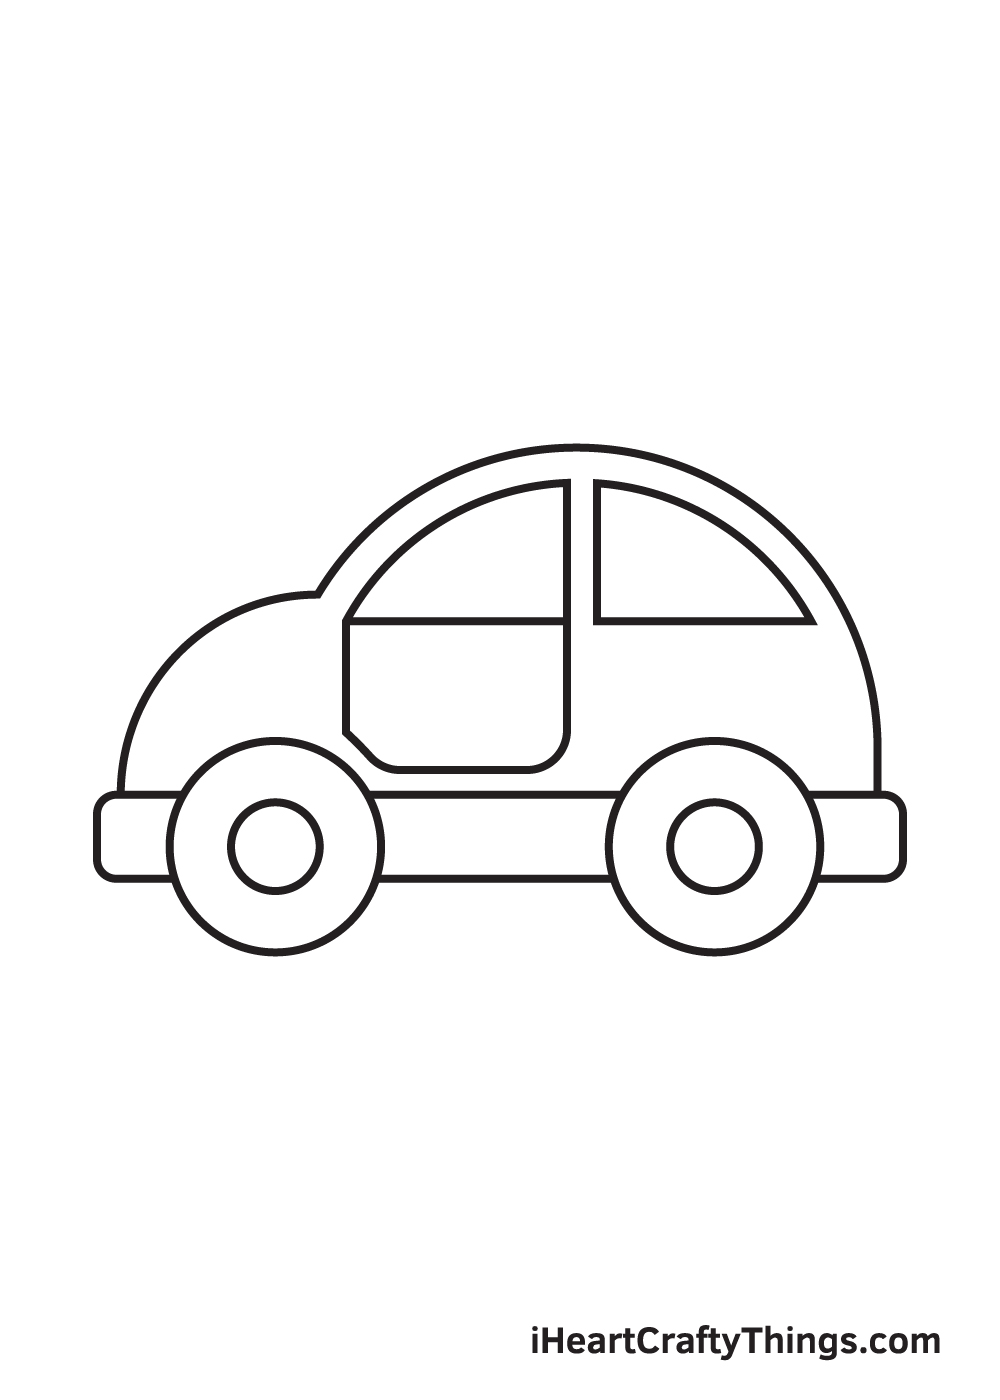 vẽ ô tô - bước 7